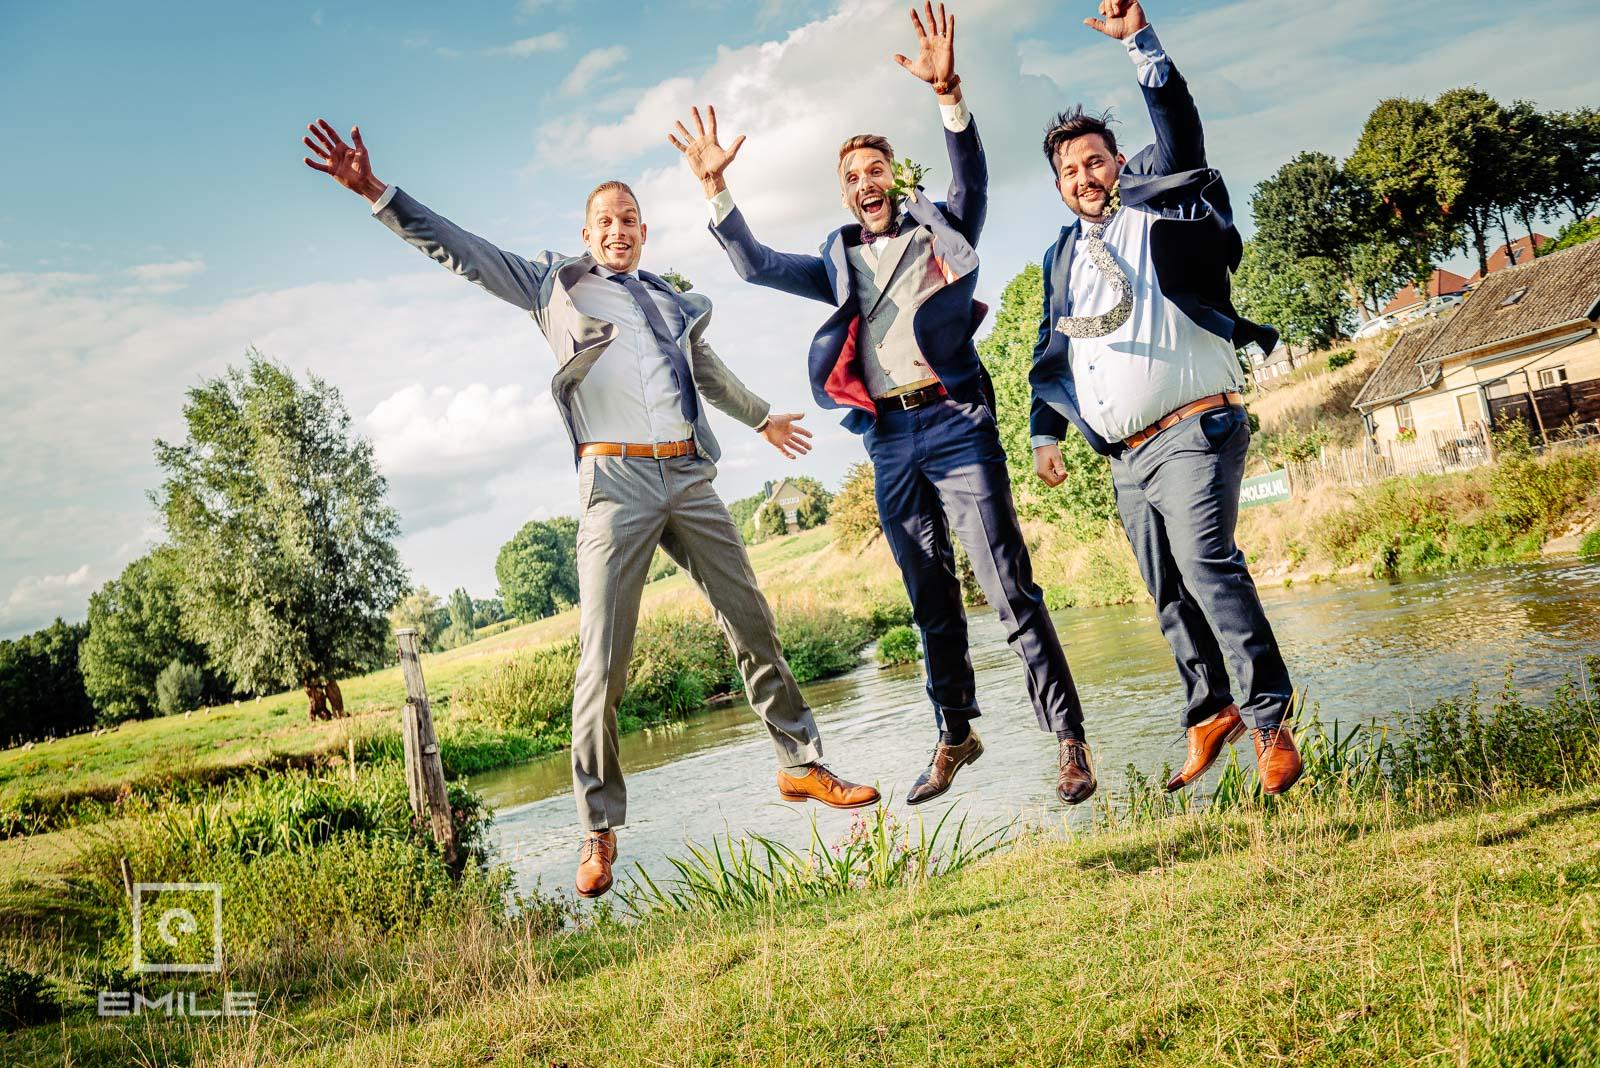 Met de vrienden in de lucht springen. Bruiloft Limburg - Wylre